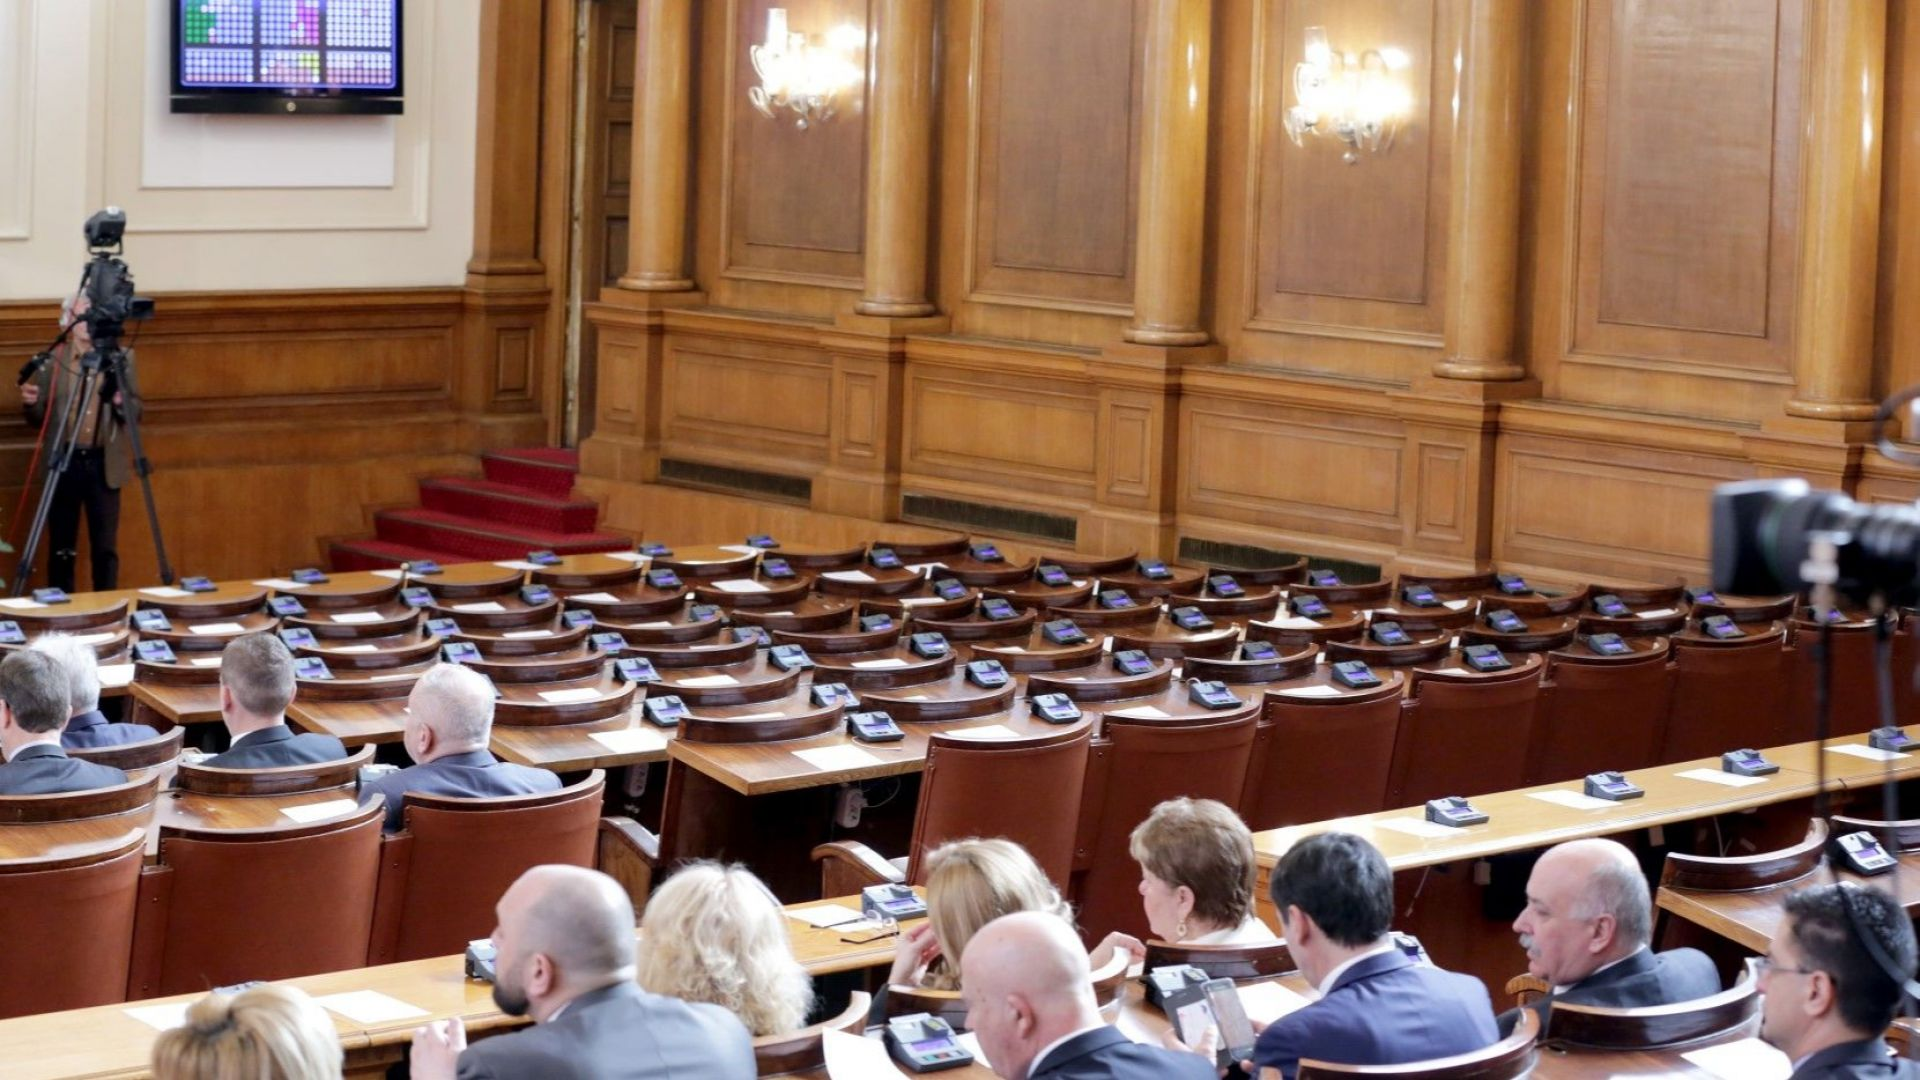 ГЕРБ и ОП: Без да работят, червените депутати ще взимат 1/3 от средната заплата на българите